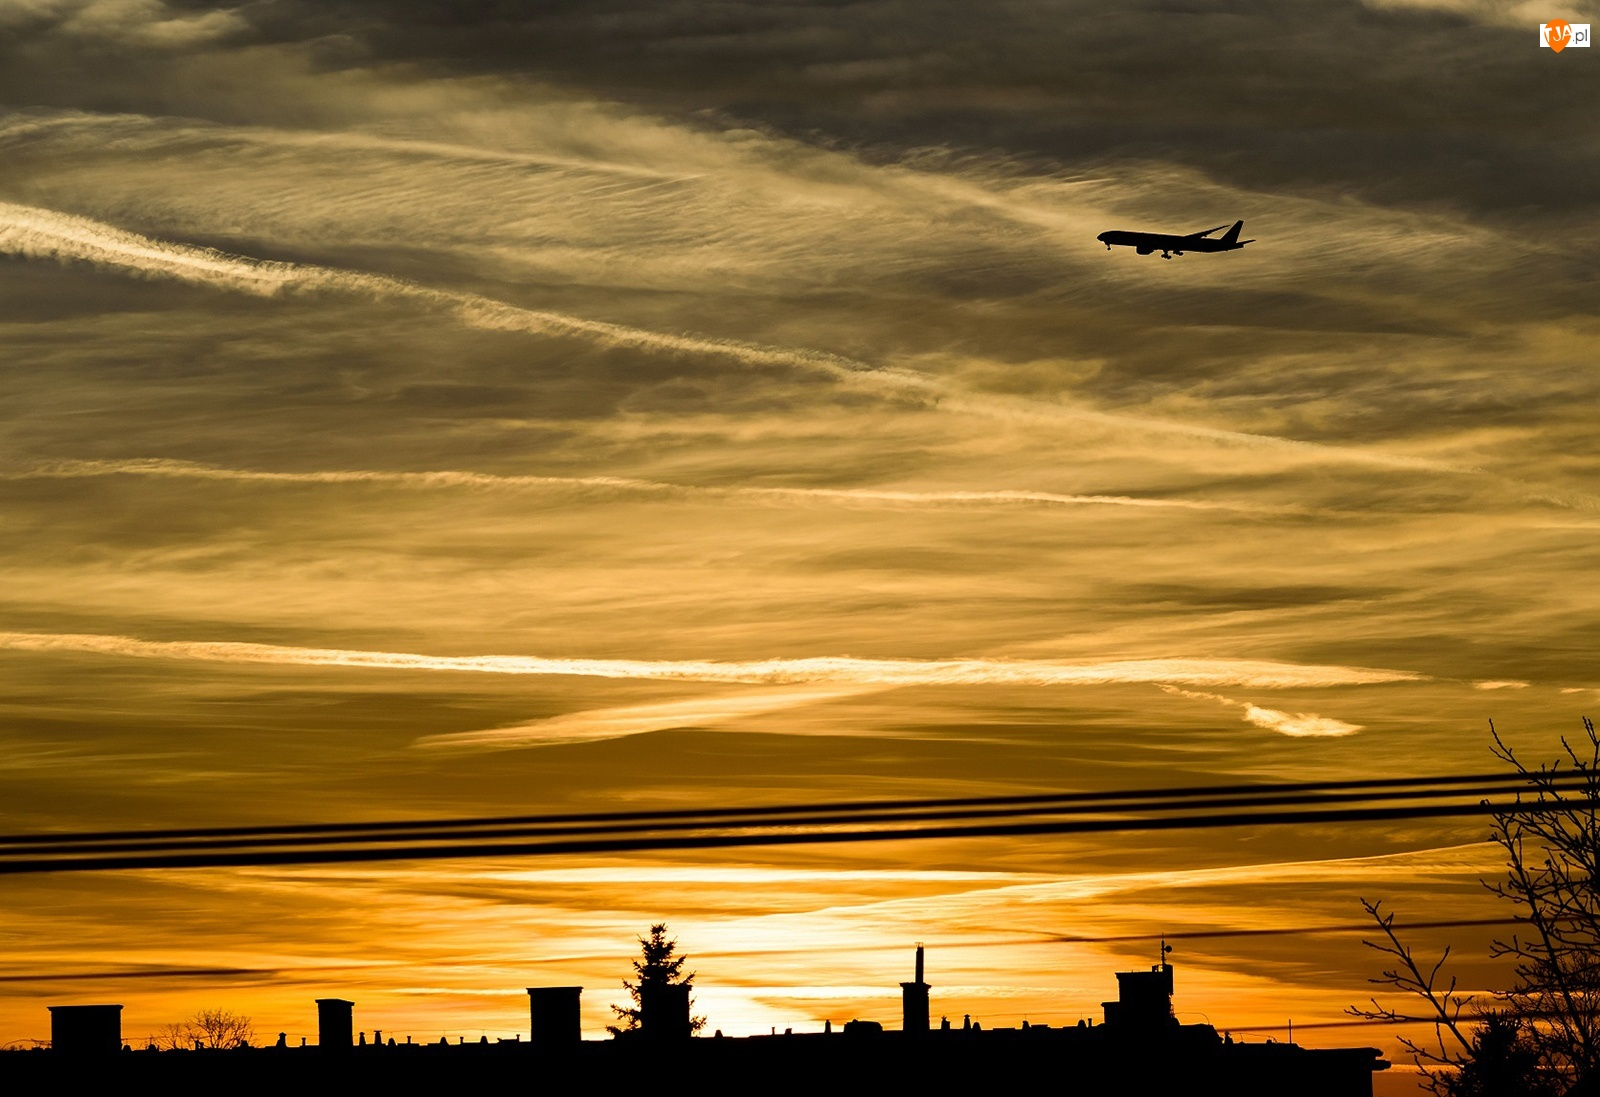 Samolot, Niebo, Zachód, Chmury, Słońca